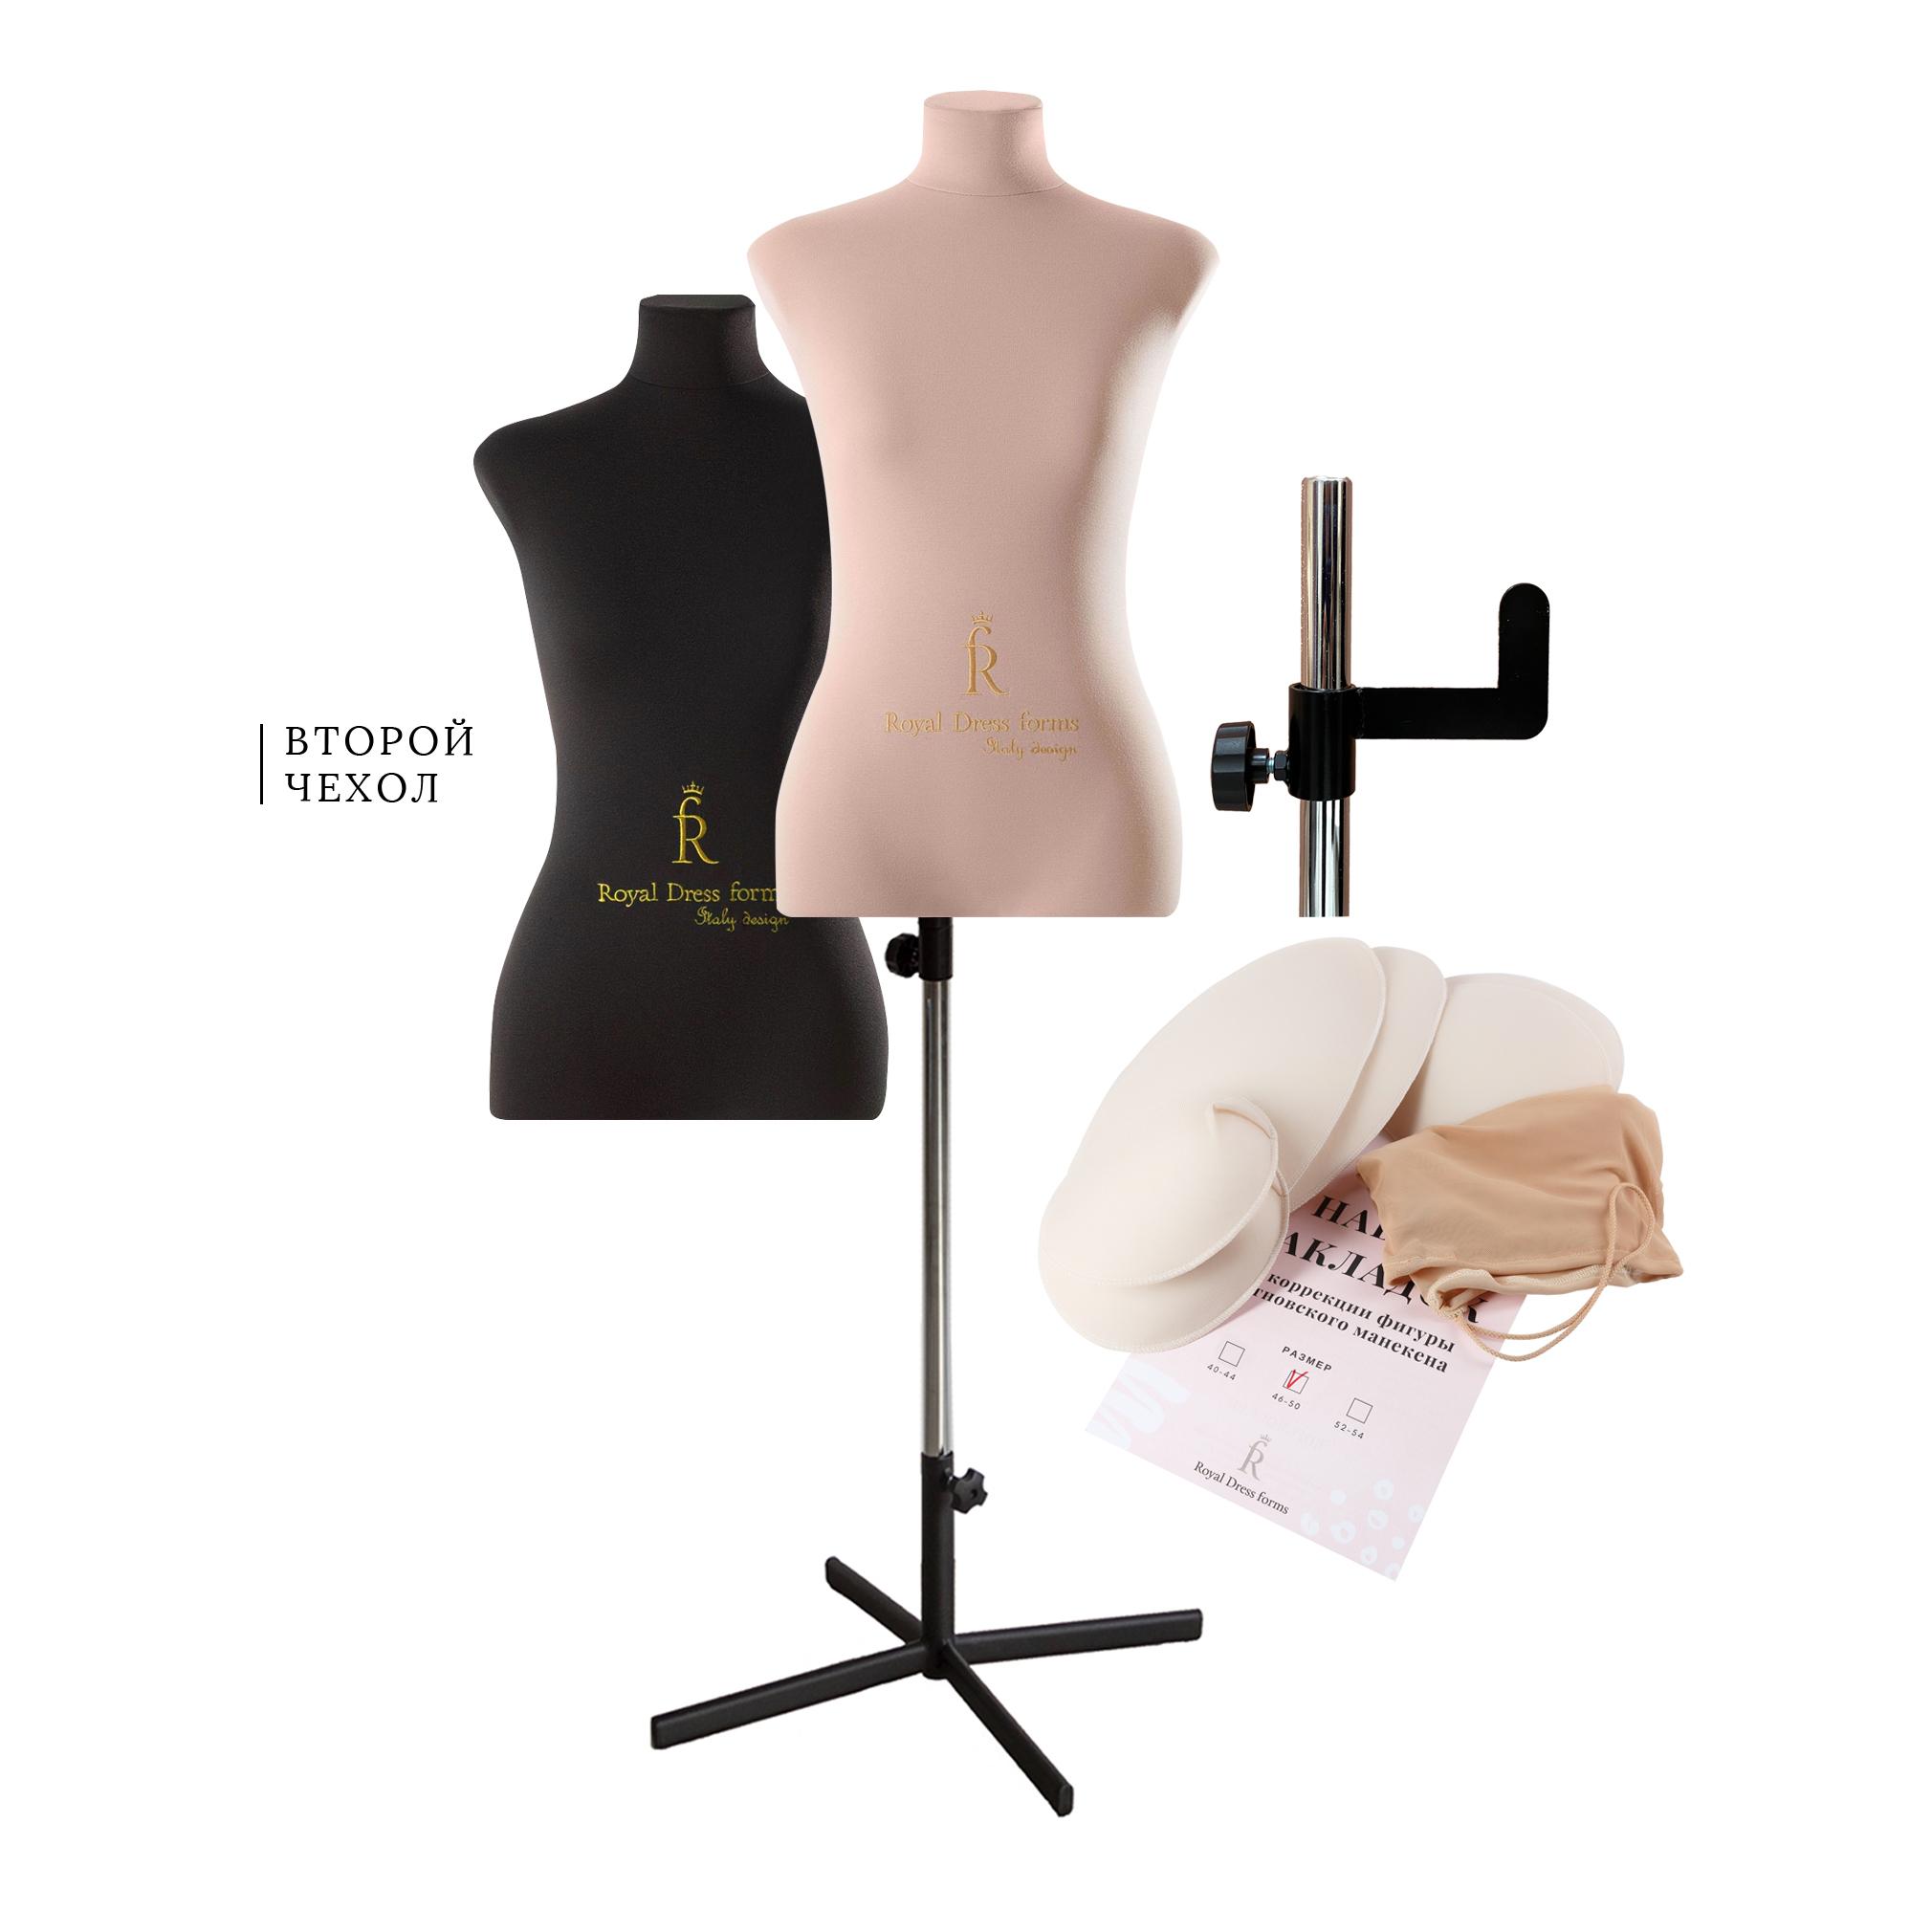 Манекен портновский Кристина, комплект Про, размер 44, тип фигуры Песочные часы